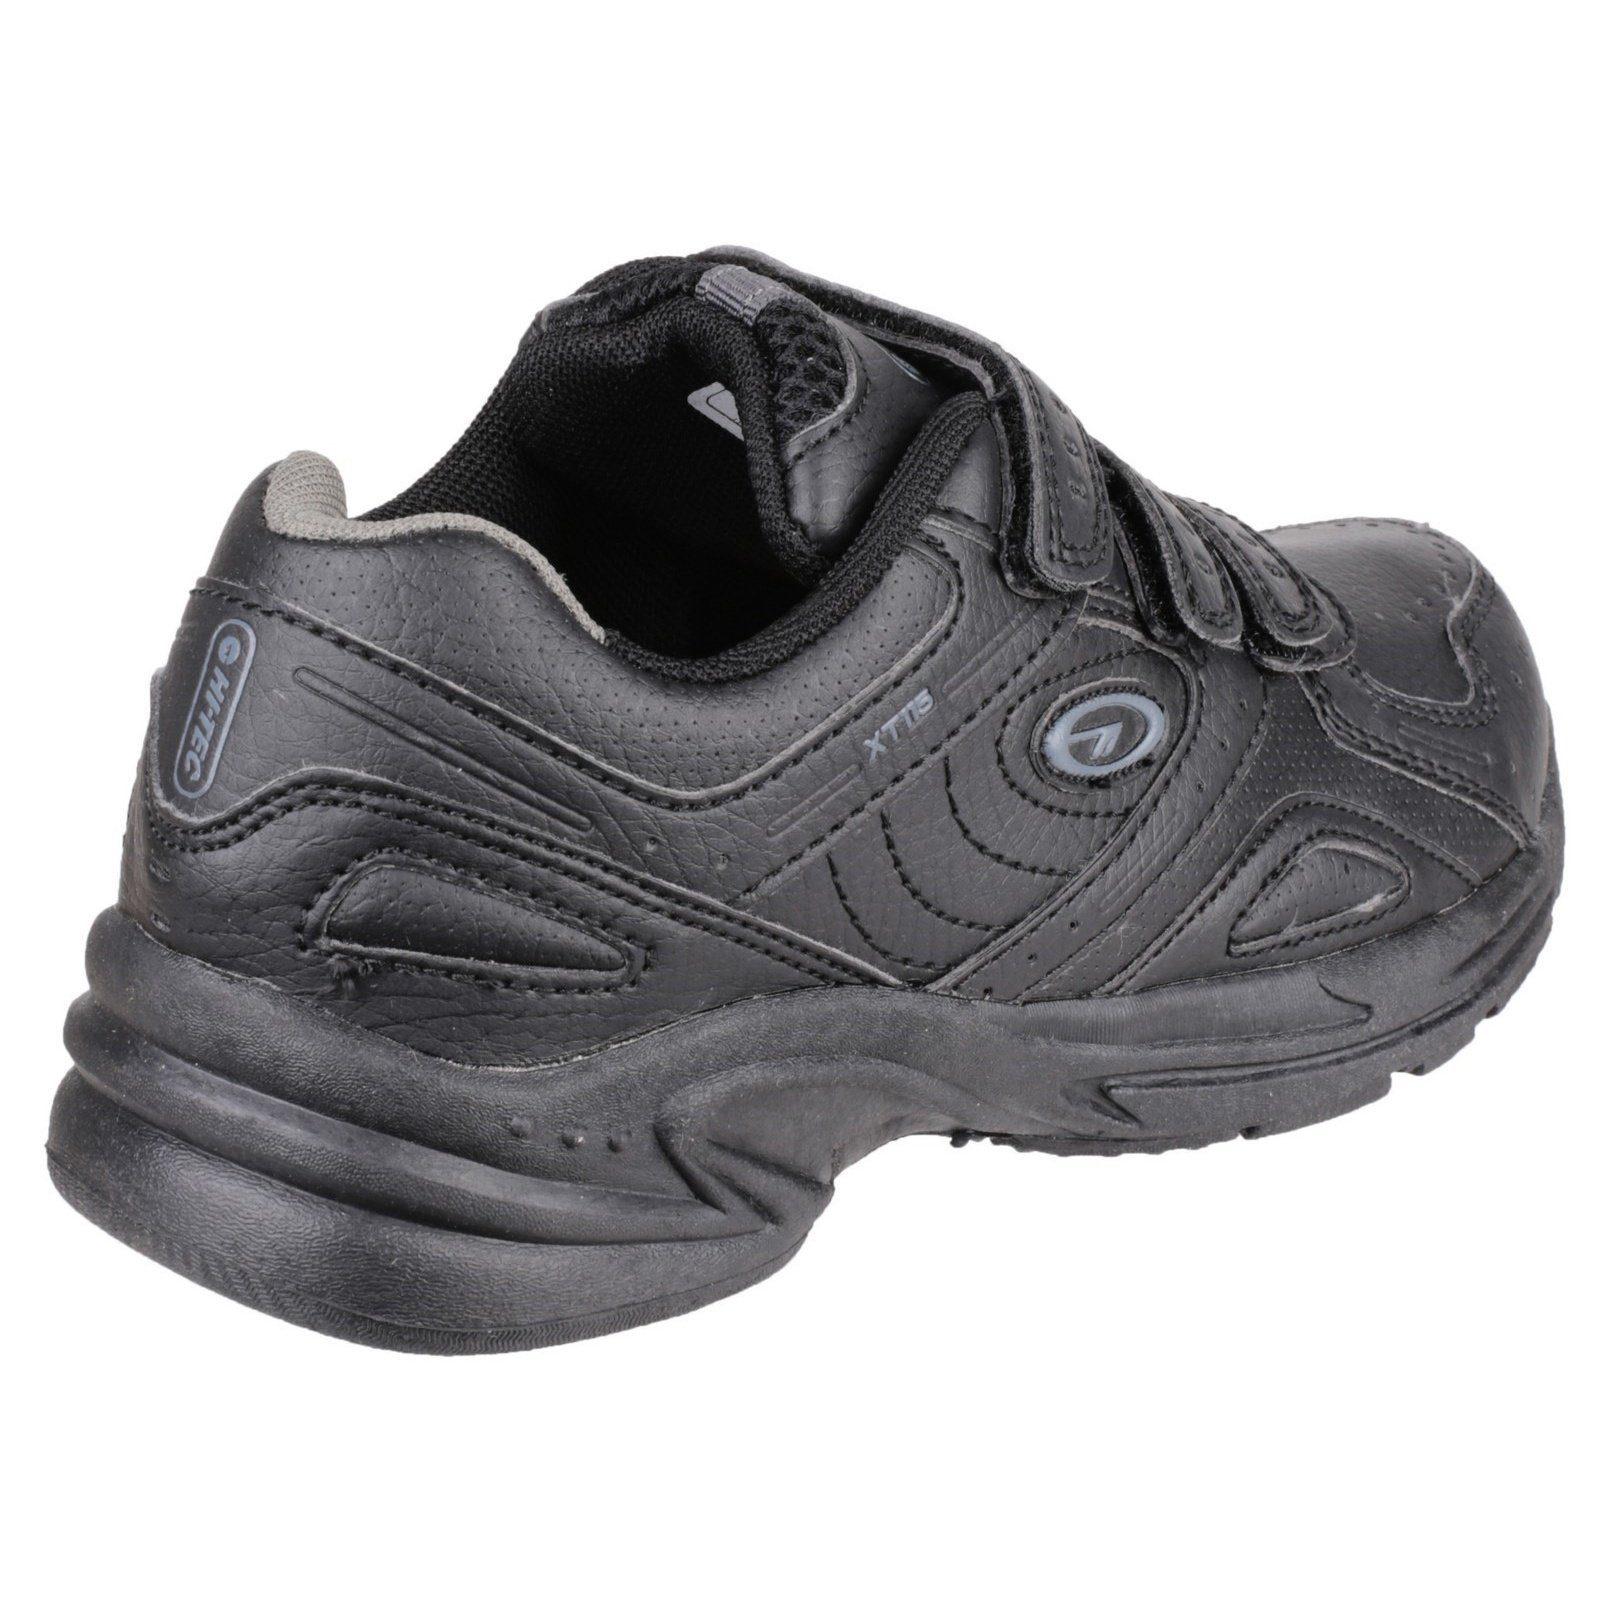 Hi-tec Sneakers Xt115 Kinder Sportschuhe / Turnschuhe Online Bestellen - Geweldige Prijs